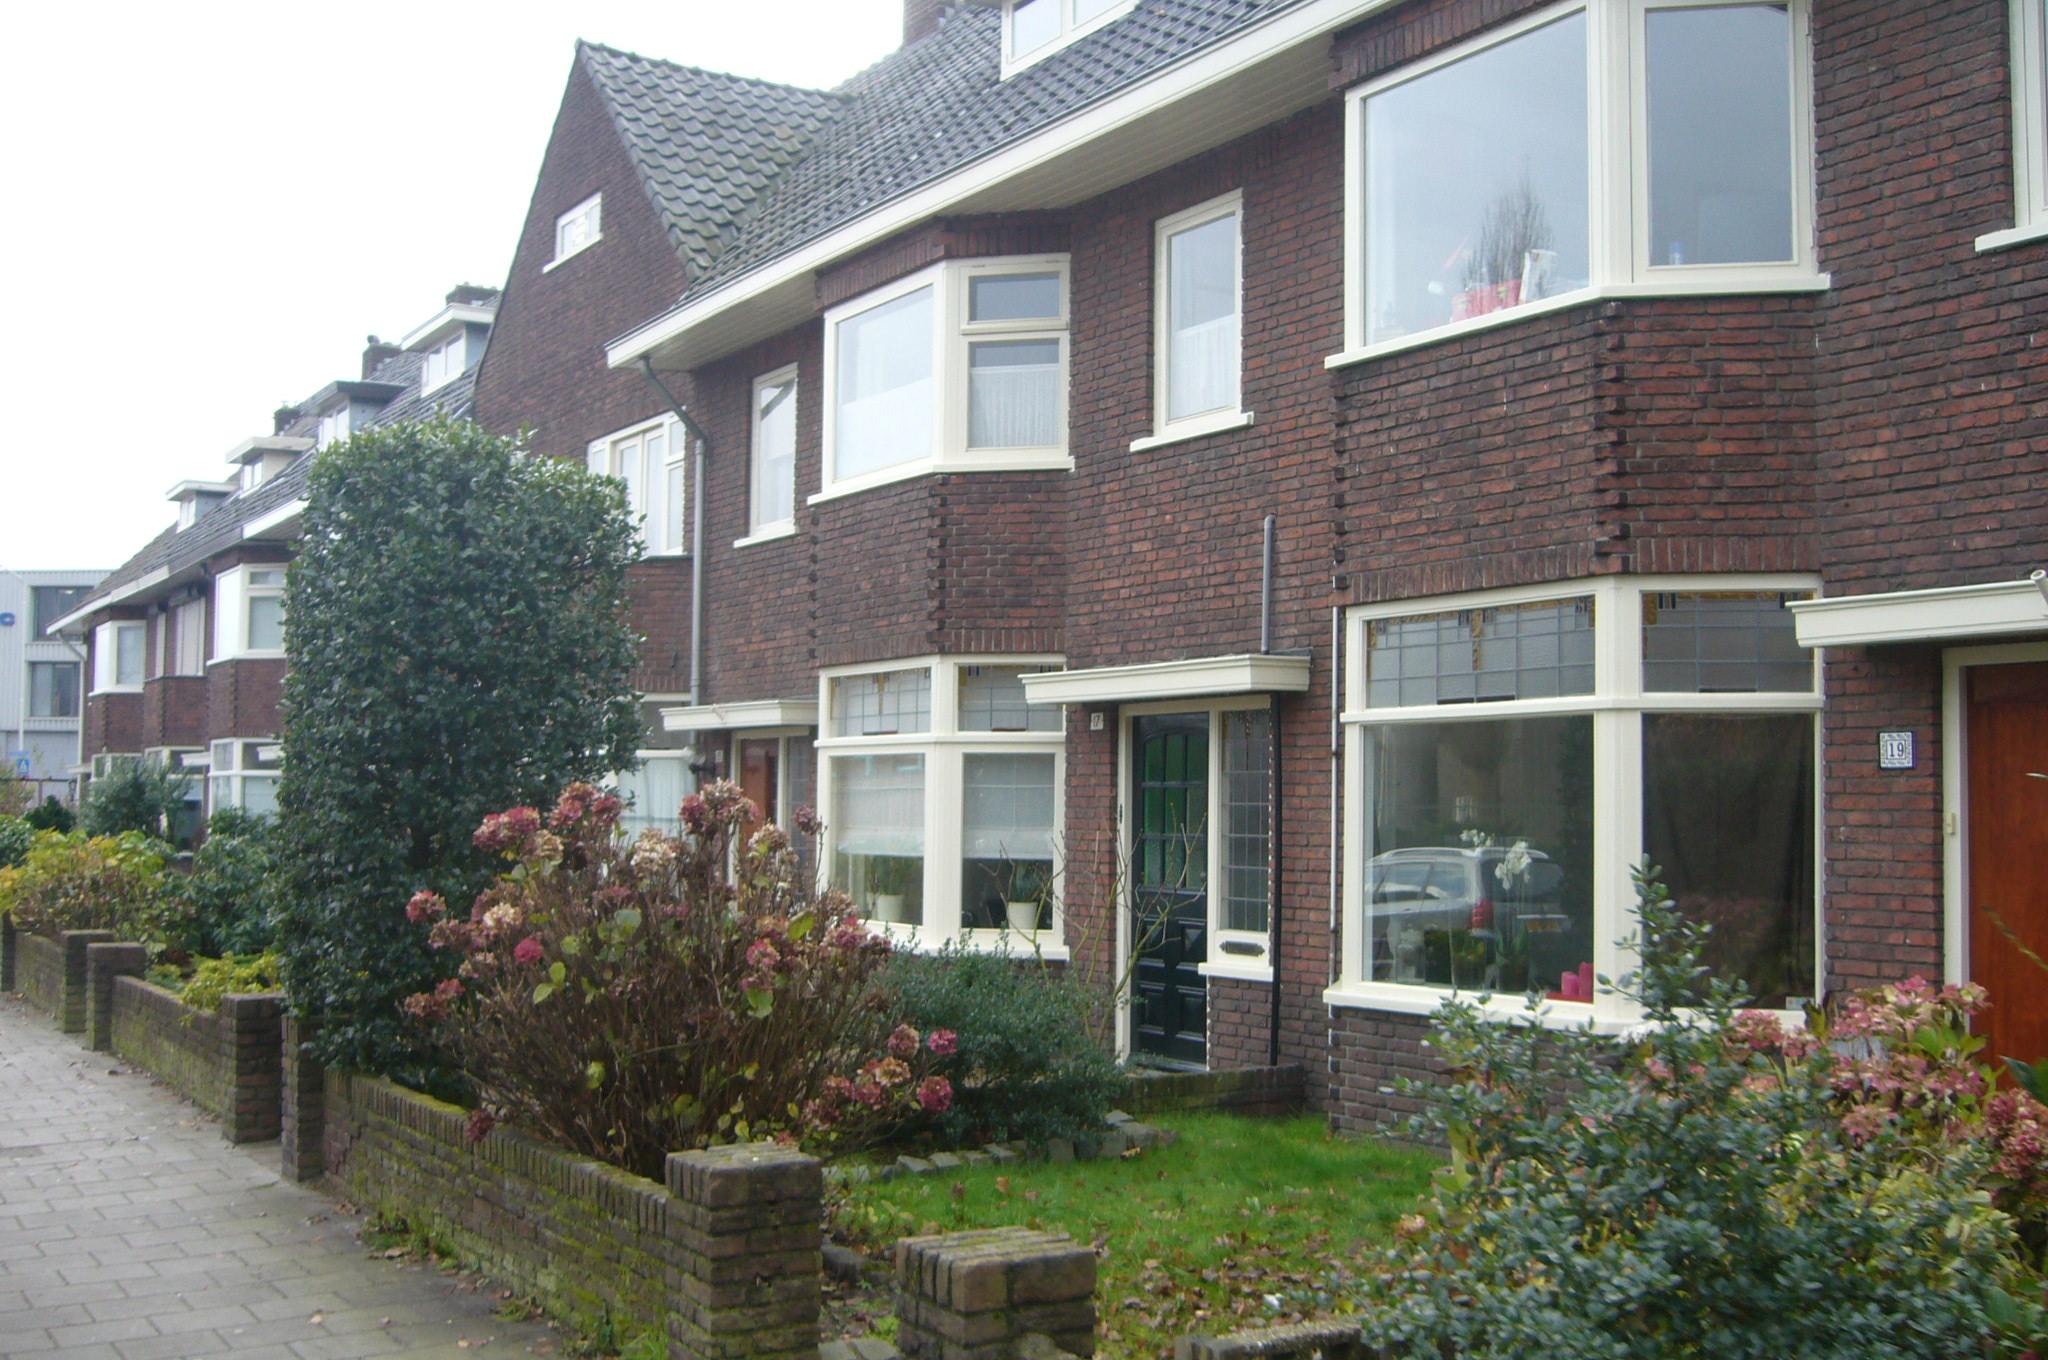 Breda maisons typiques des ann es 30 expat aux pays bas - Maison des annees 30 ...